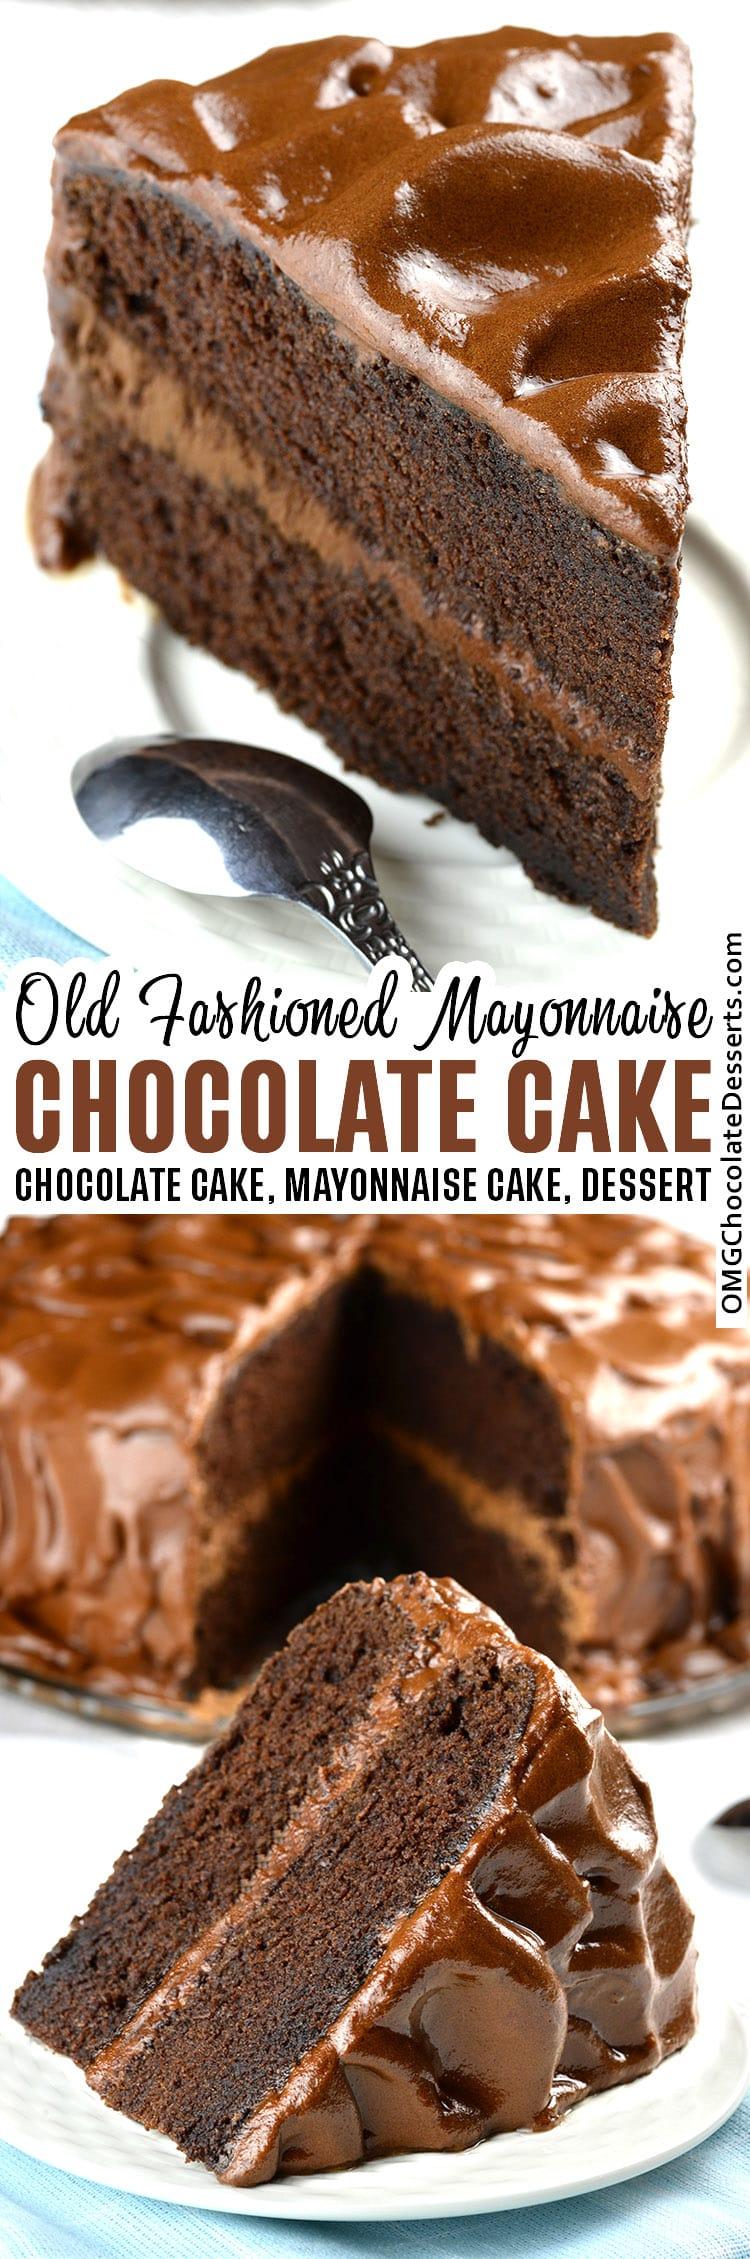 Old Fashioned Chocolate Mayonnaise Cake